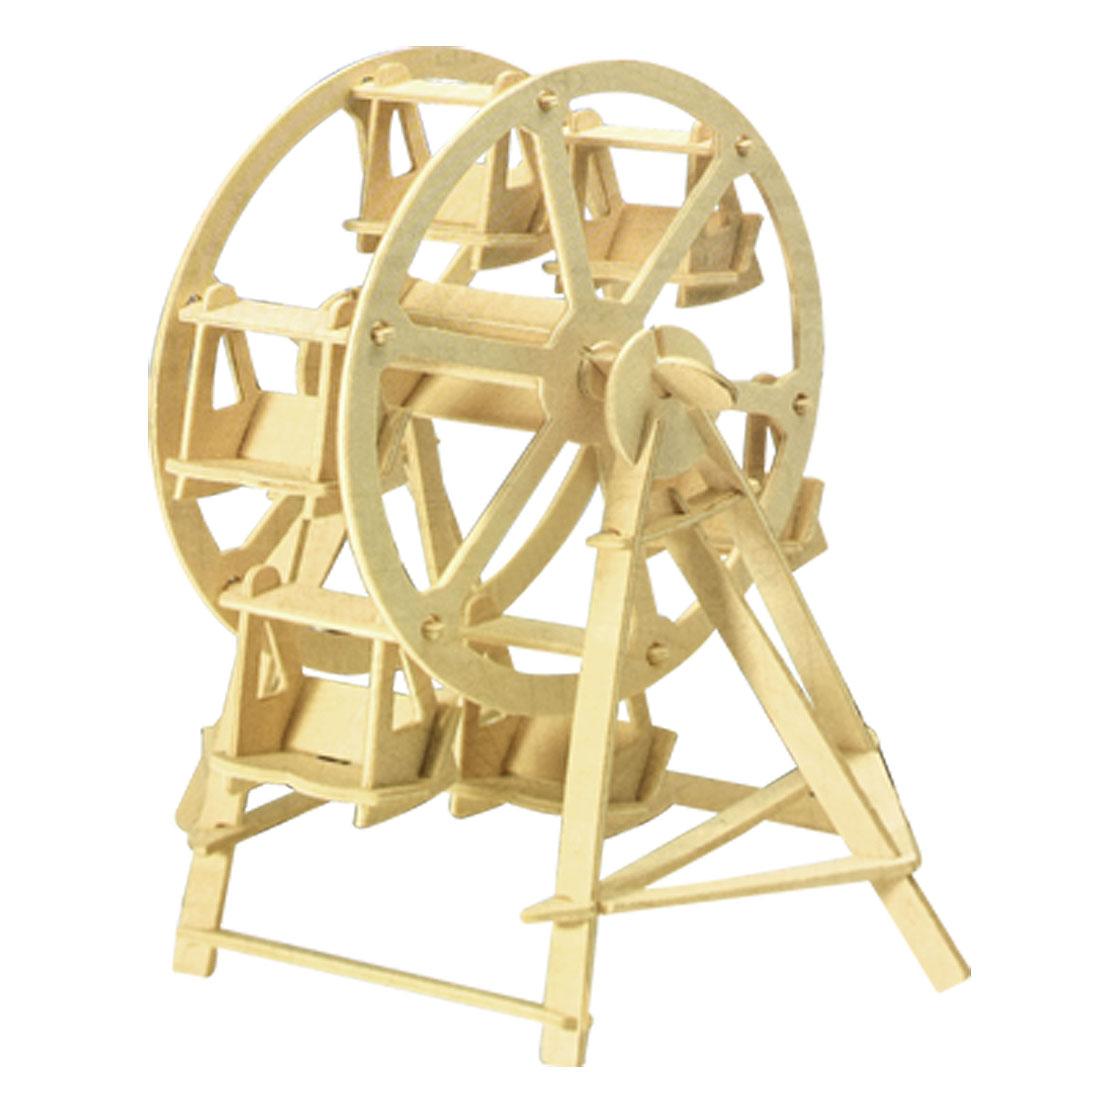 Children Puzzled Ferris Wheel Model 3D Wood Puzzle Toy Construction Kit